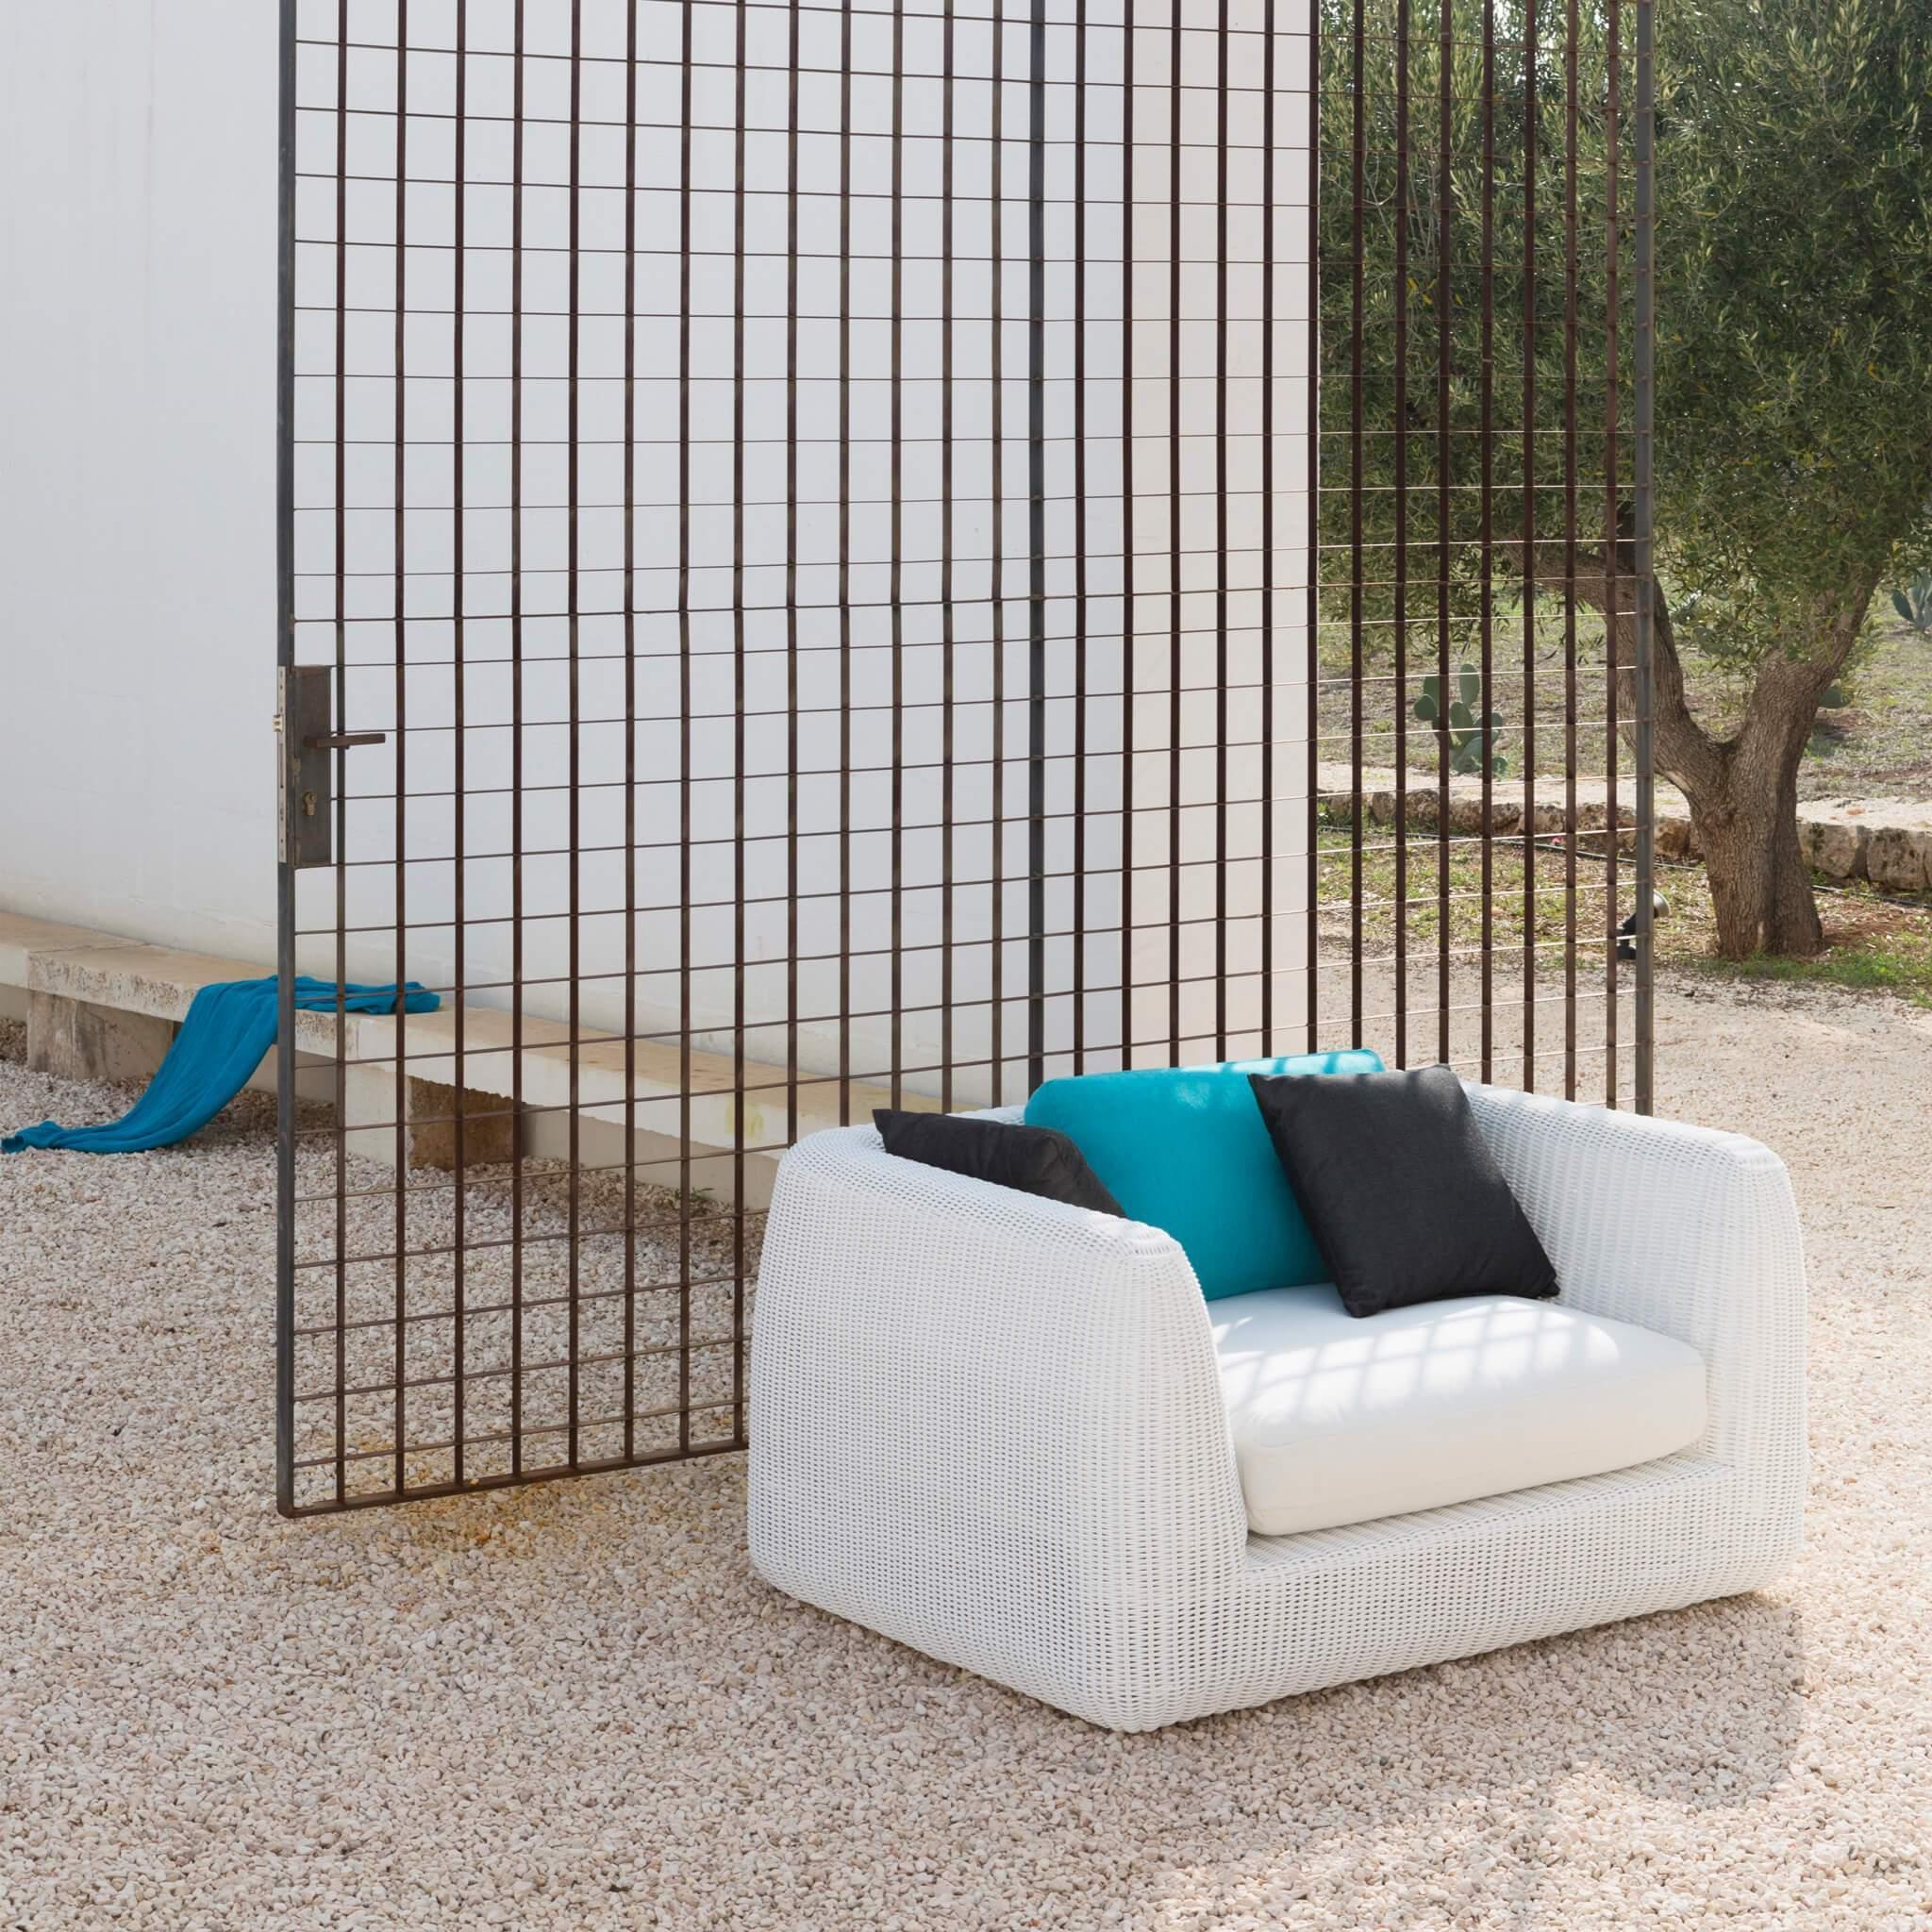 Full Size of Garten Lounge Sessel 1 Unopiu Agora Gartenstuhl Gaskamin Relaxsessel Schwimmingpool Für Den Spaten Möbel Spielhaus Kunststoff Kugelleuchte Sitzbank Wohnzimmer Garten Lounge Sessel